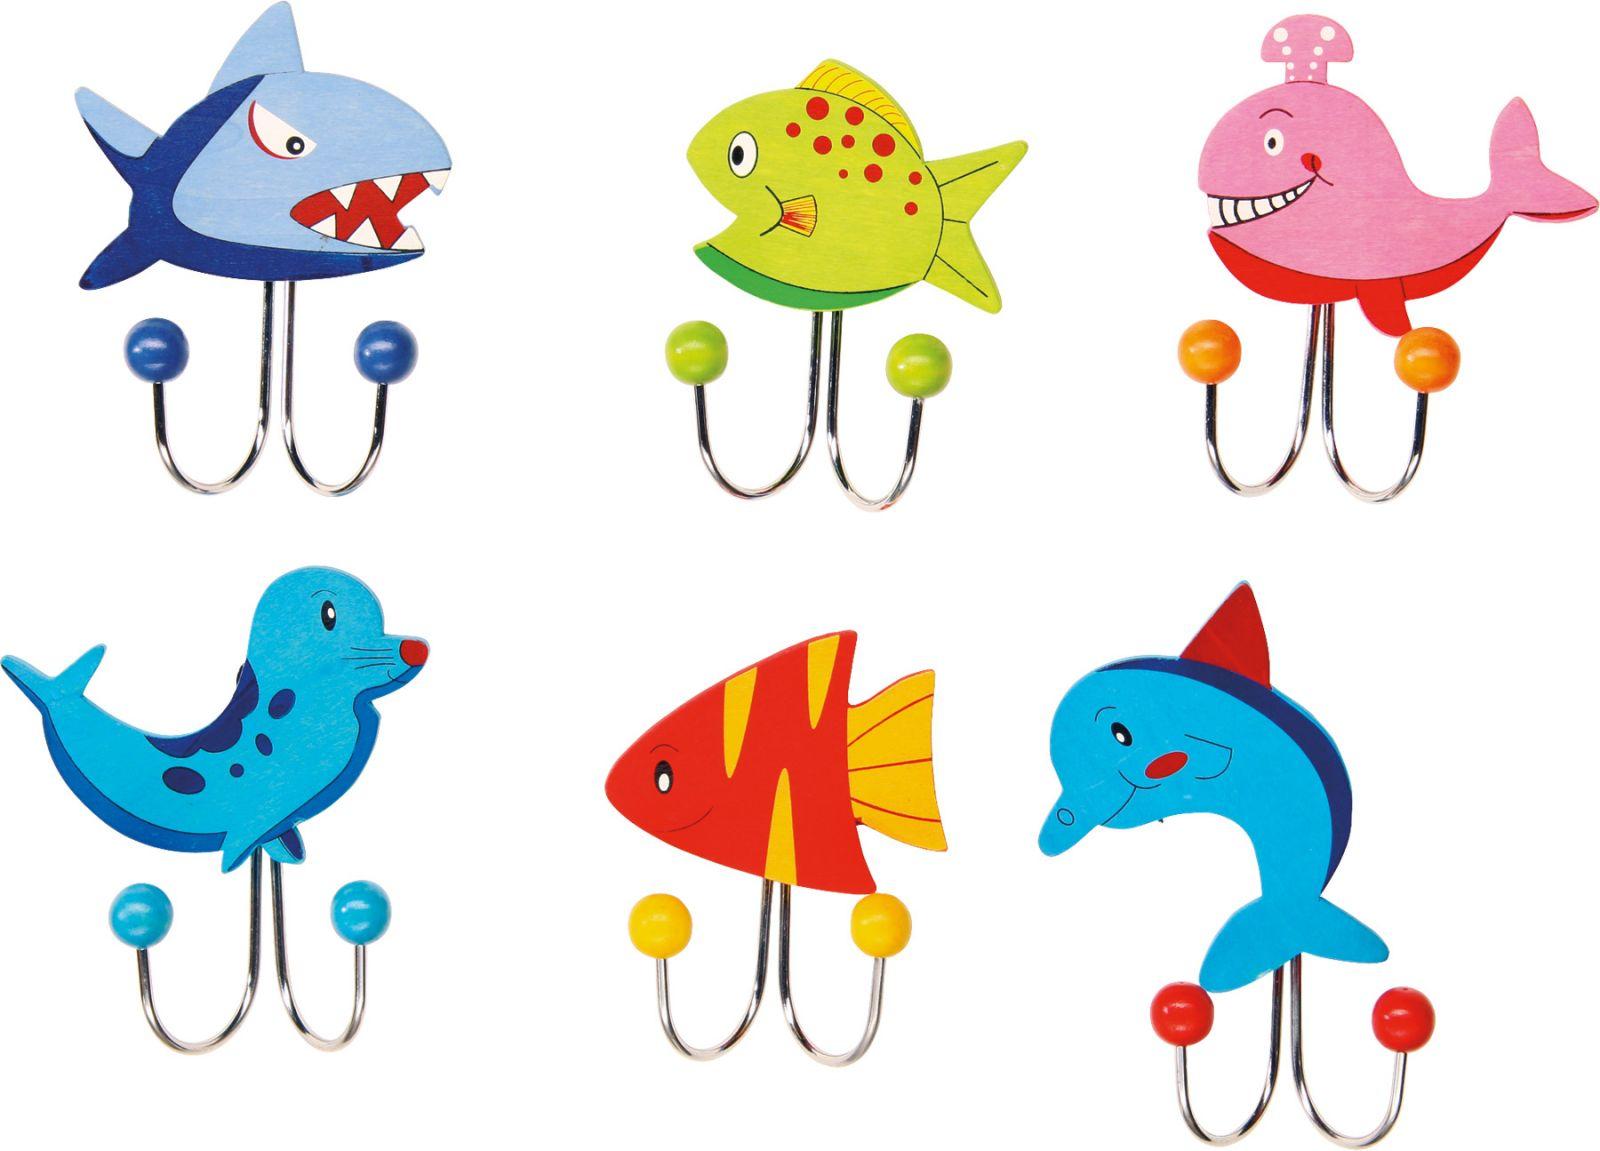 Dřevěné hračky Věšák - Mořská zvířátka 1ks růžová ryba Small foot by Legler